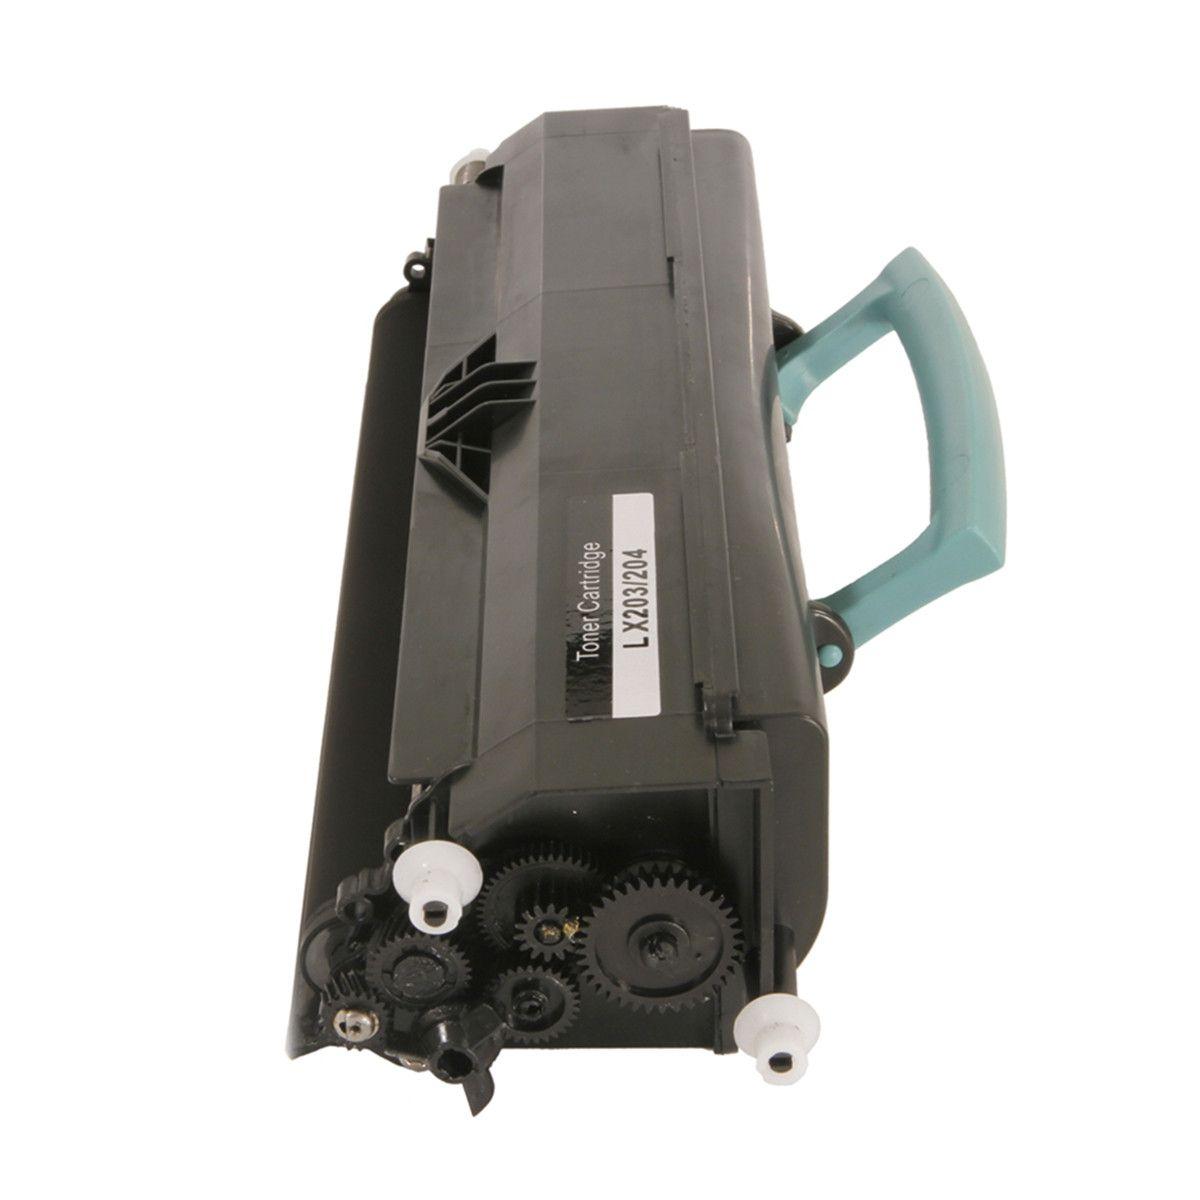 Toner Compatível com Lexmark E-250 E-350 E-352 E-352DN E-250DN E-250D E-350D 3.500 Páginas - Cartucho & Cia.